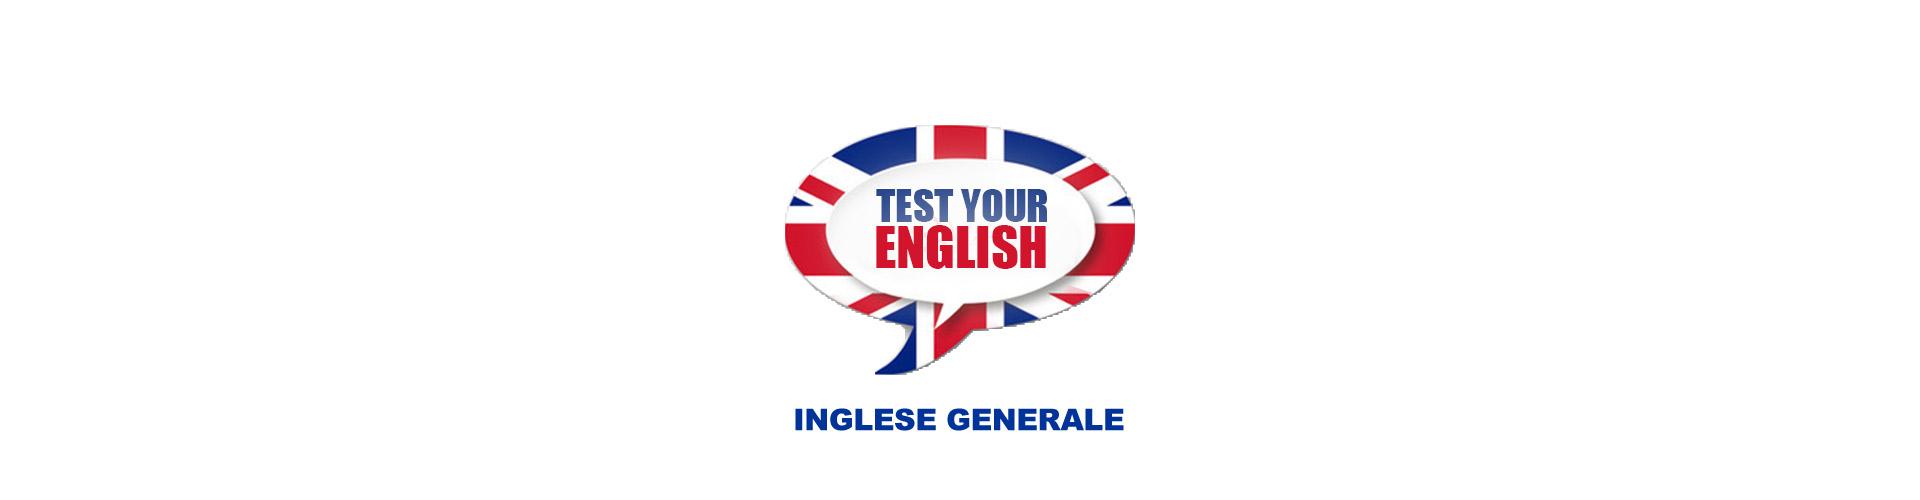 effettua il test di inglese generale messo a disposizione dalla wall street salerno